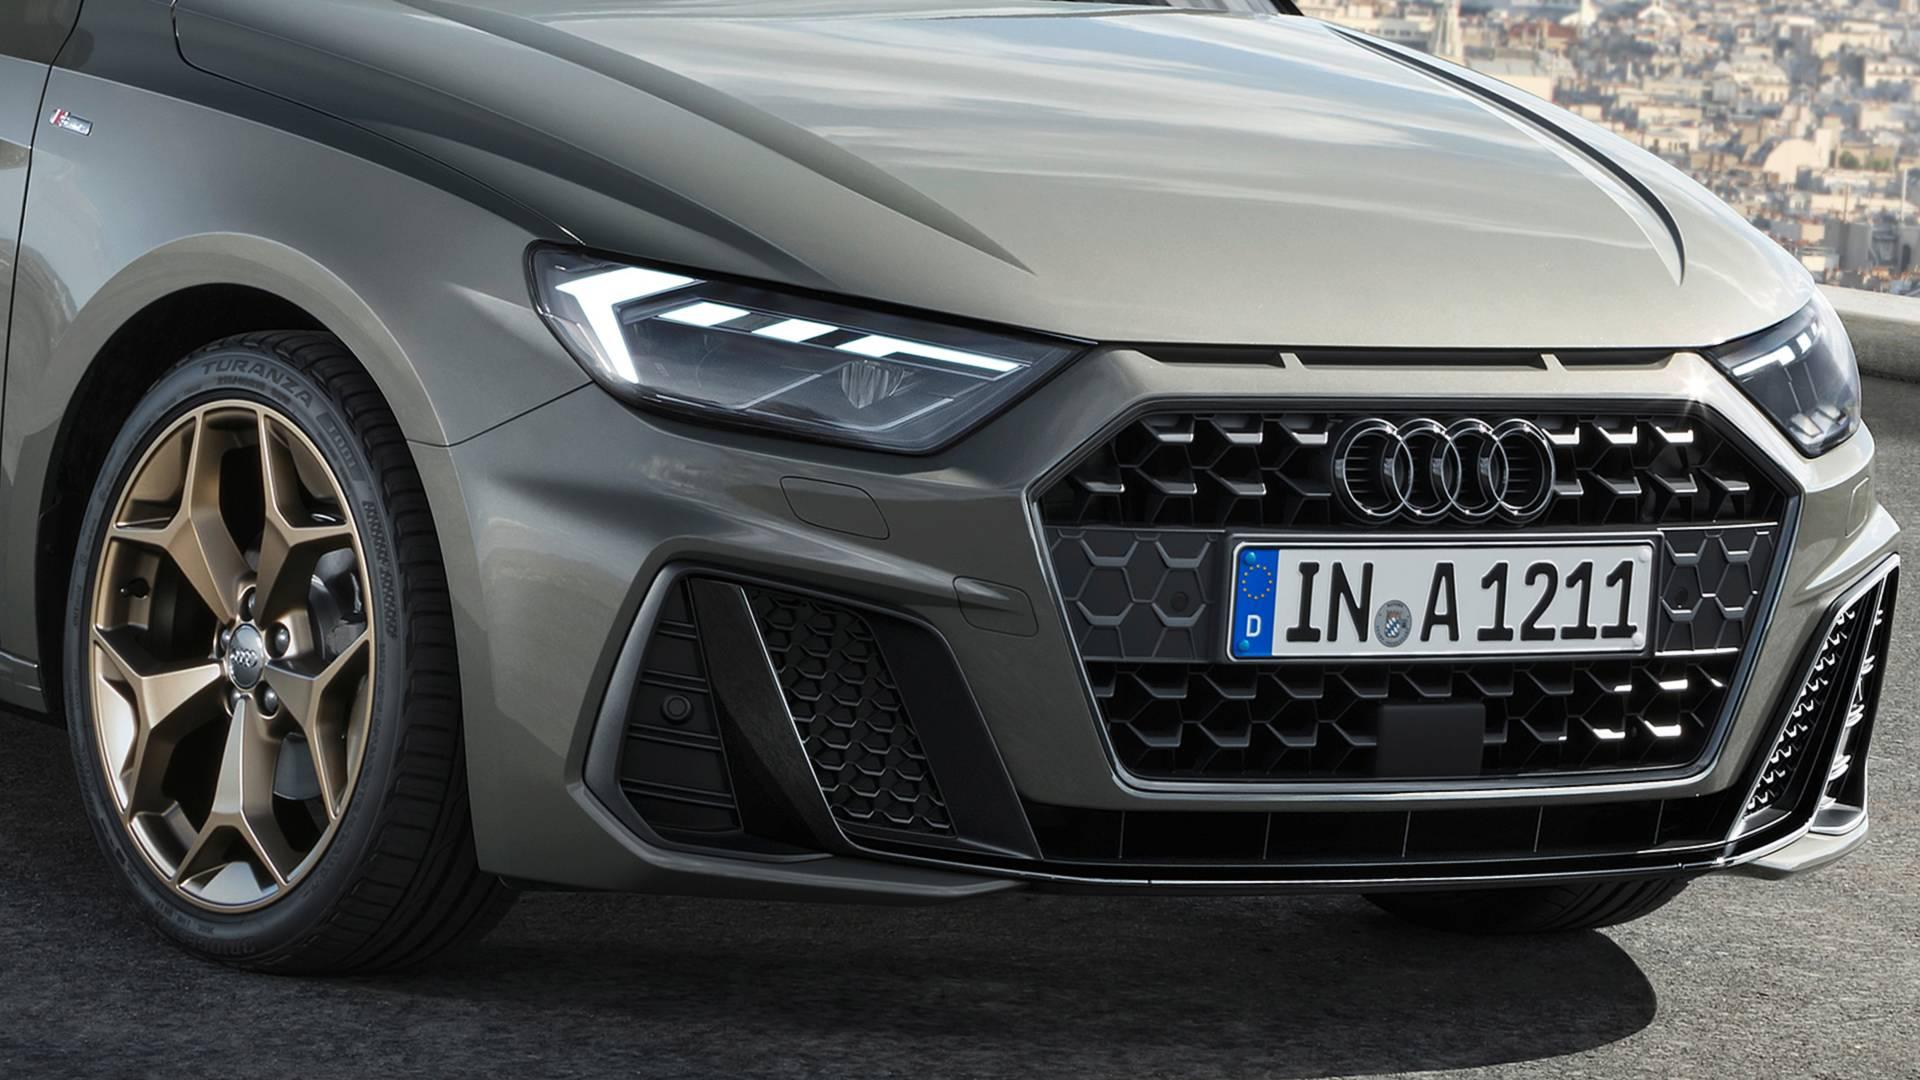 đầu tư giá trị - 2019 audi a1 sportback 2 - Audi A1 Sportback 2019 lộ diện, kiểu dáng cá tính, công suất 200 mã lực